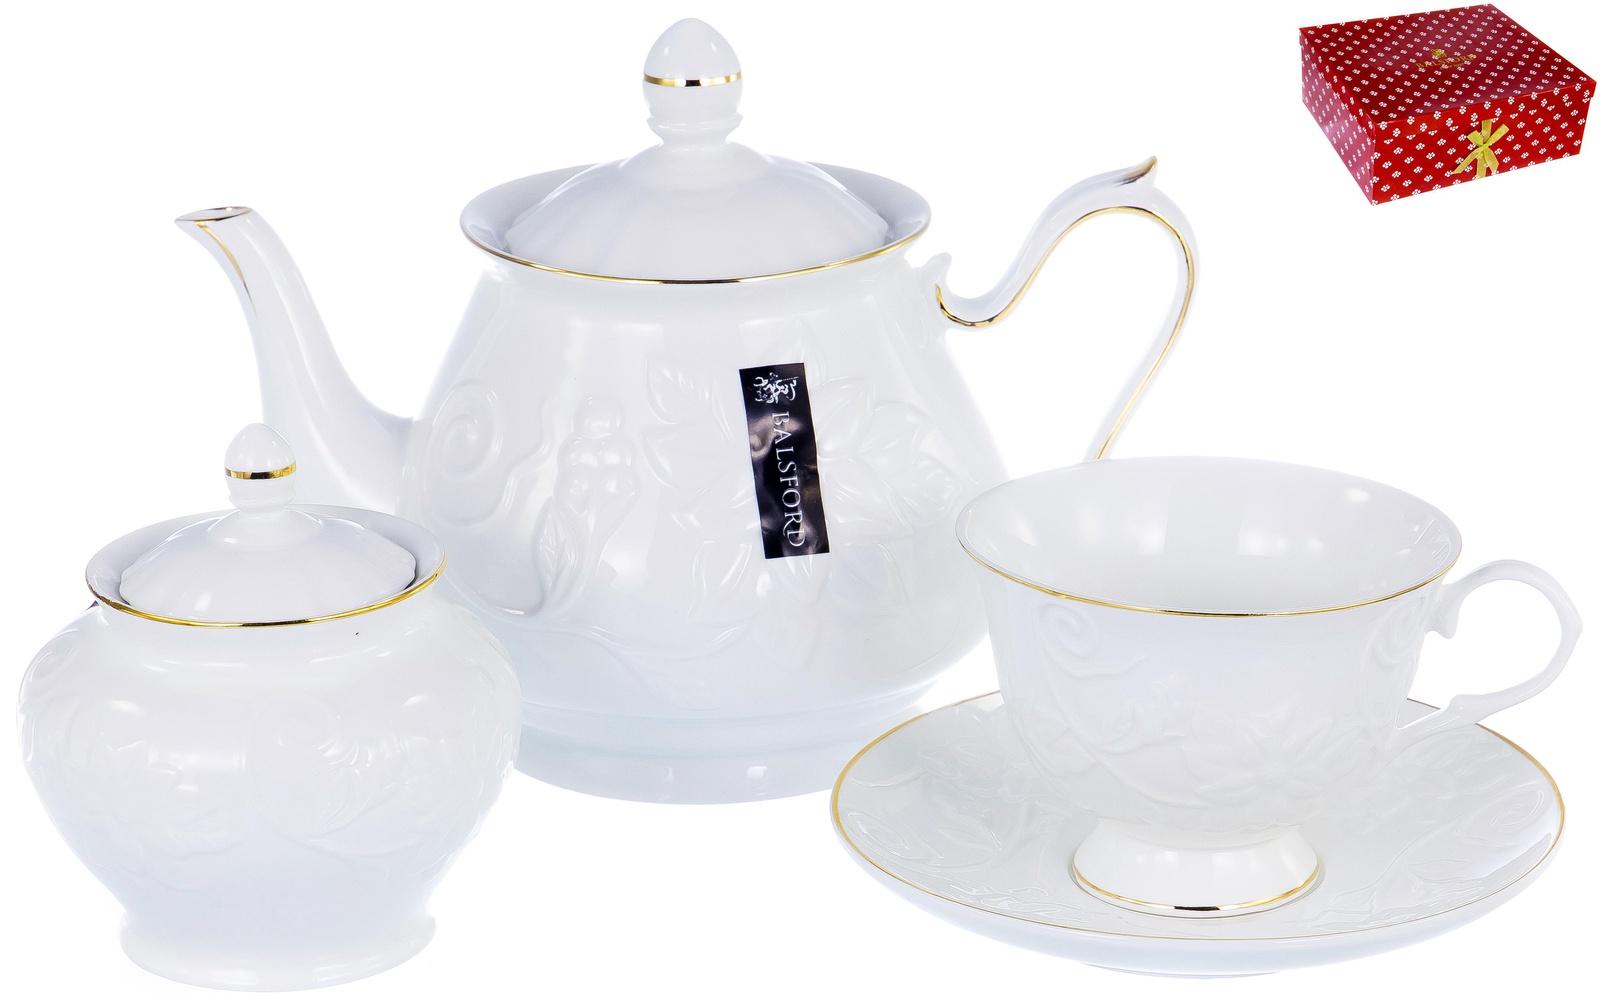 Набор чайный ГРАЦИЯ, серия Галатея, 6 чашек 220мл, 6 блюдец,чайник с крышкой 1000мл, сахарница с крышкой 400мл, NEW BONE CHINA, белый рельефный рисунок с золотом, прямоугольная подарочная упаковка с окном и бантом, ТМ Balsford, артикул 101-30013